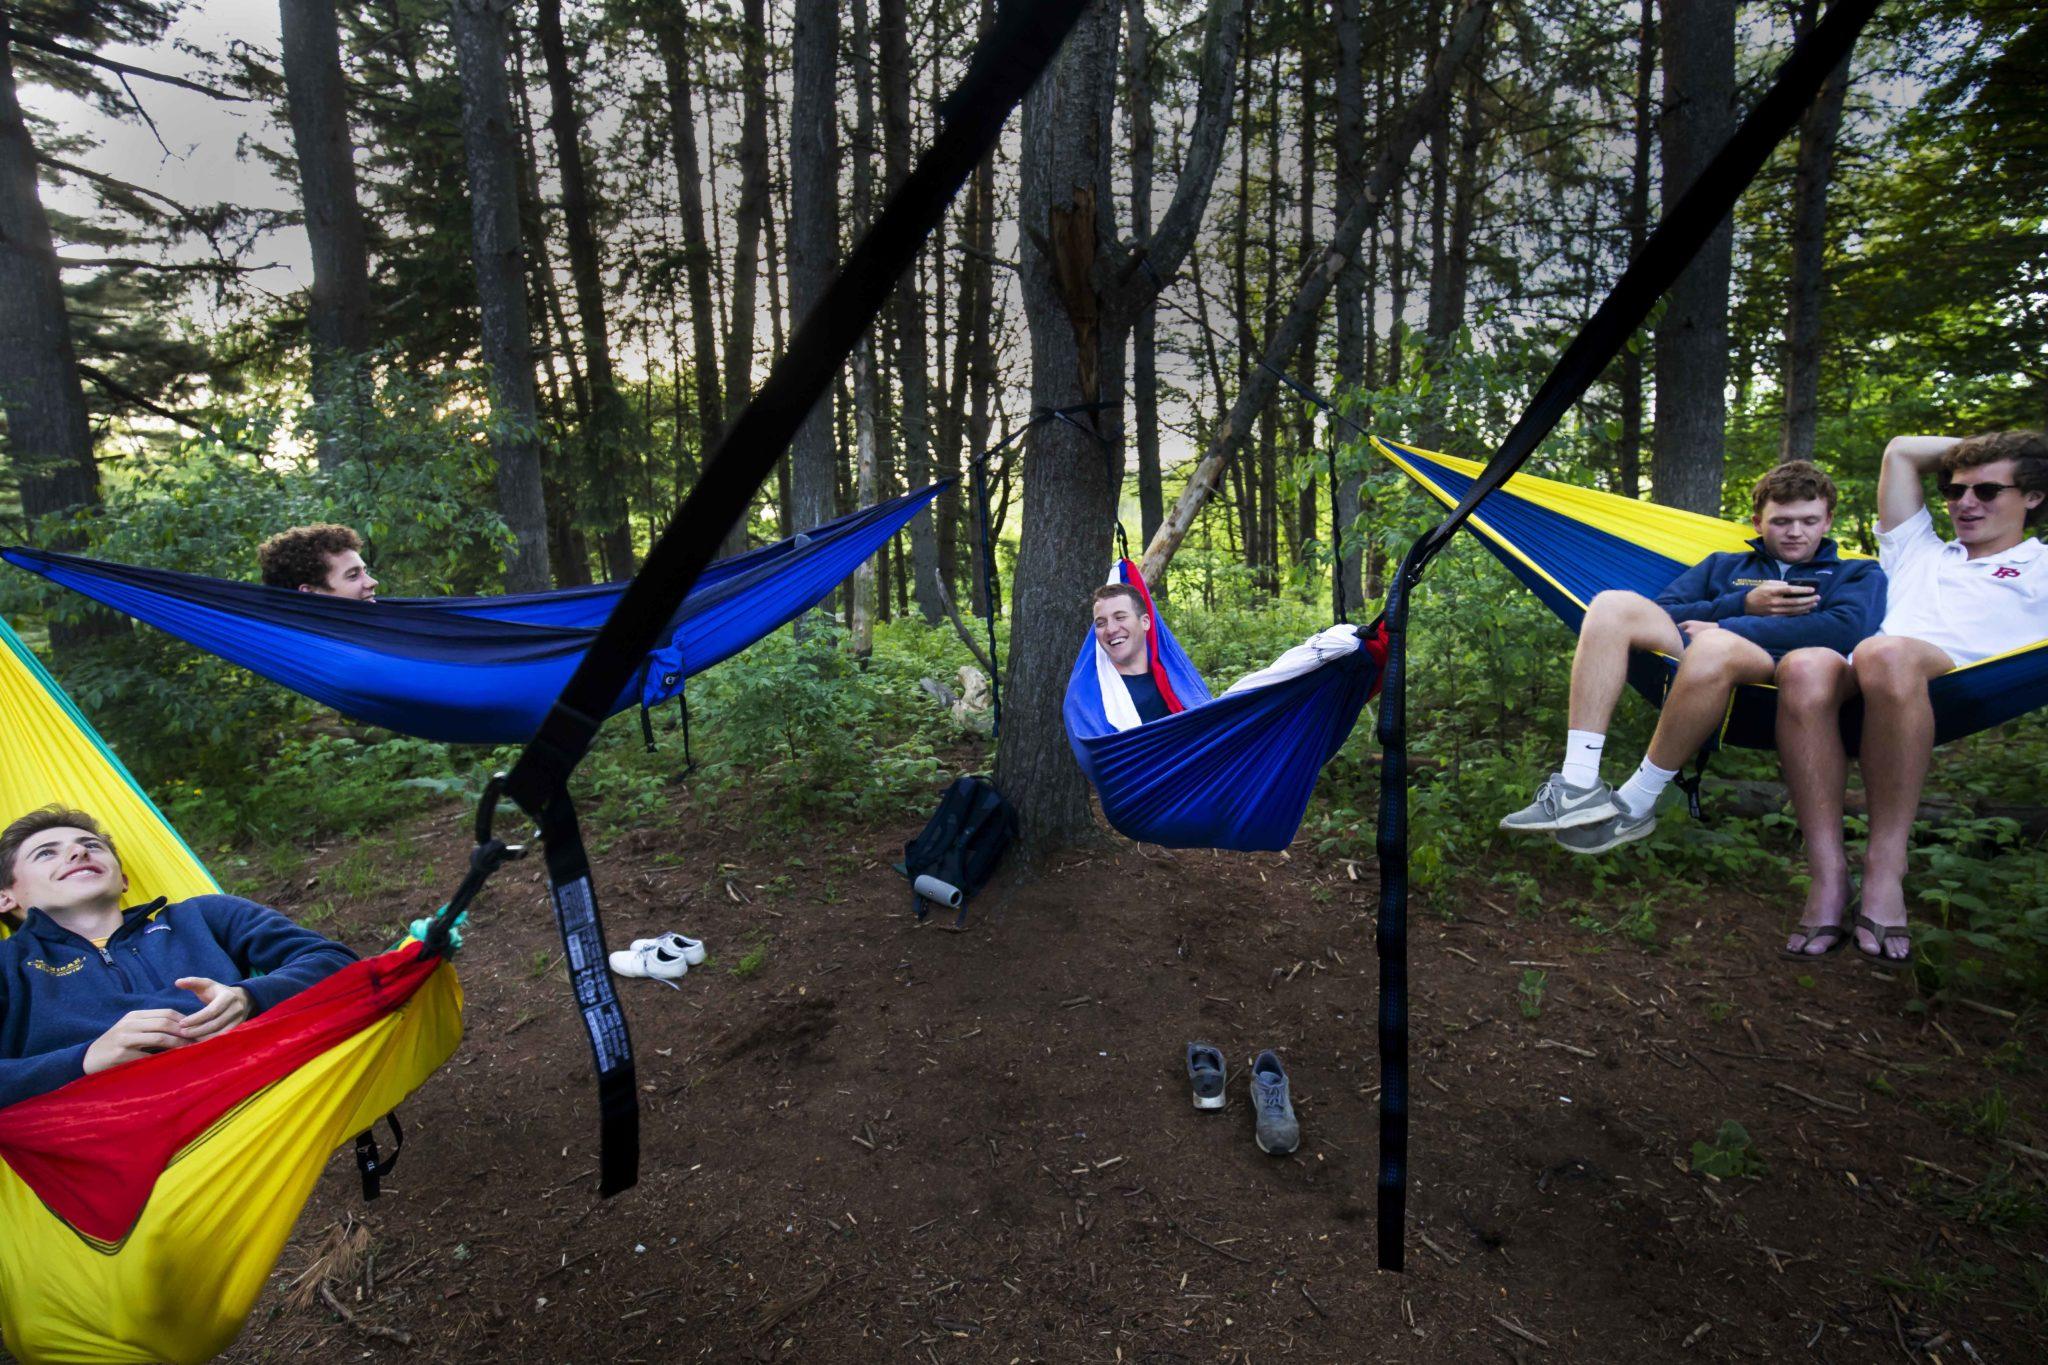 A group of Michigan Rowing team members hang in hammocks in the Nichols Arboretum.